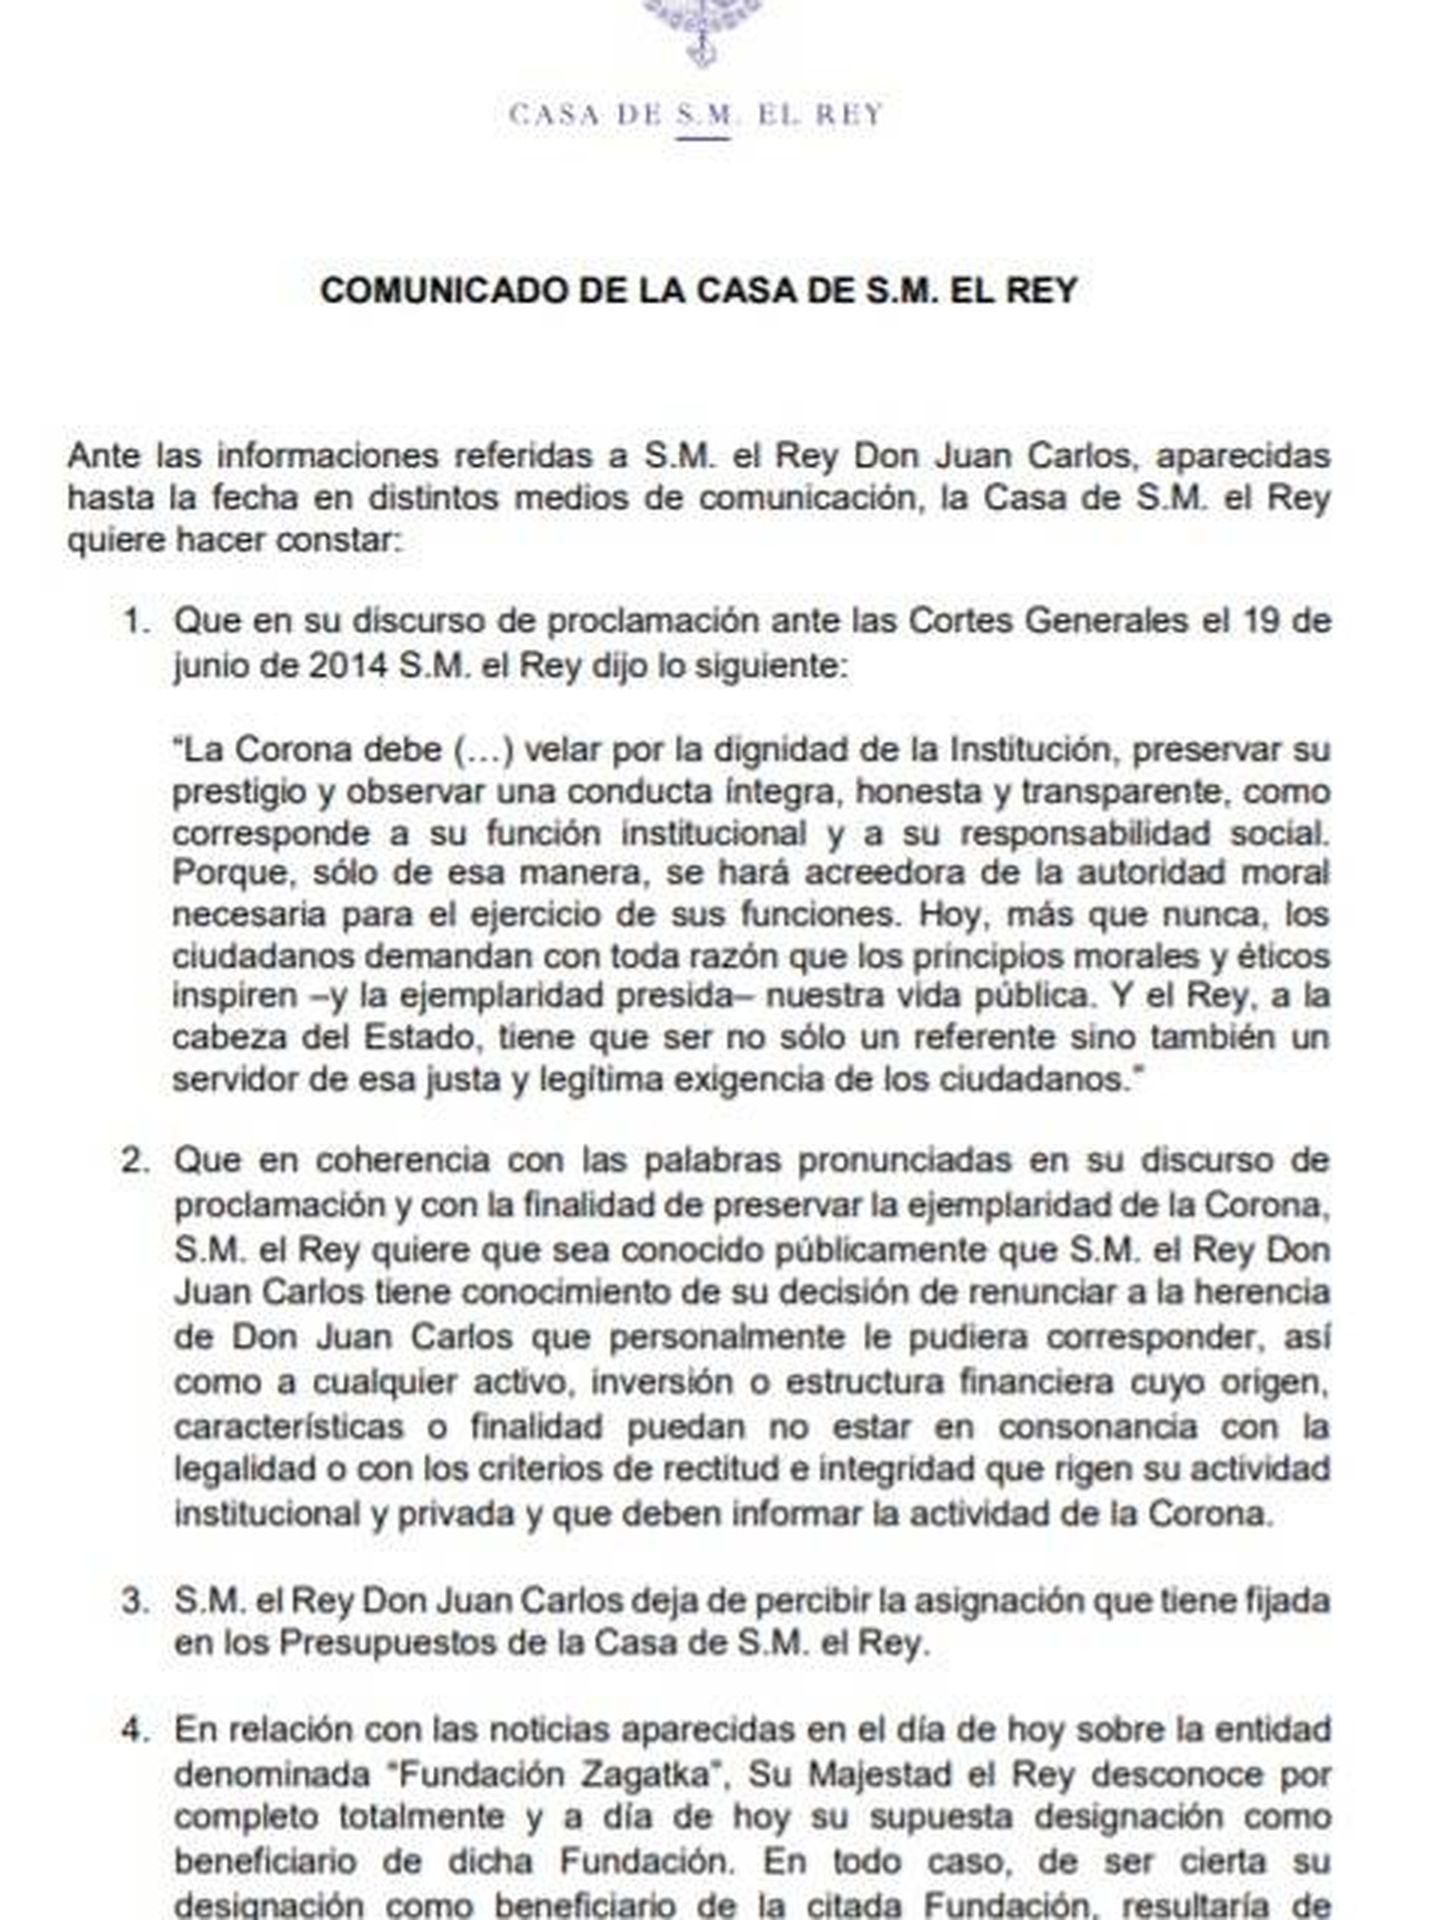 Consulte aquí en PDF el comunicado de Felipe VI por el que renuncia a la herencia de don Juan Carlos y le retira su asignación.